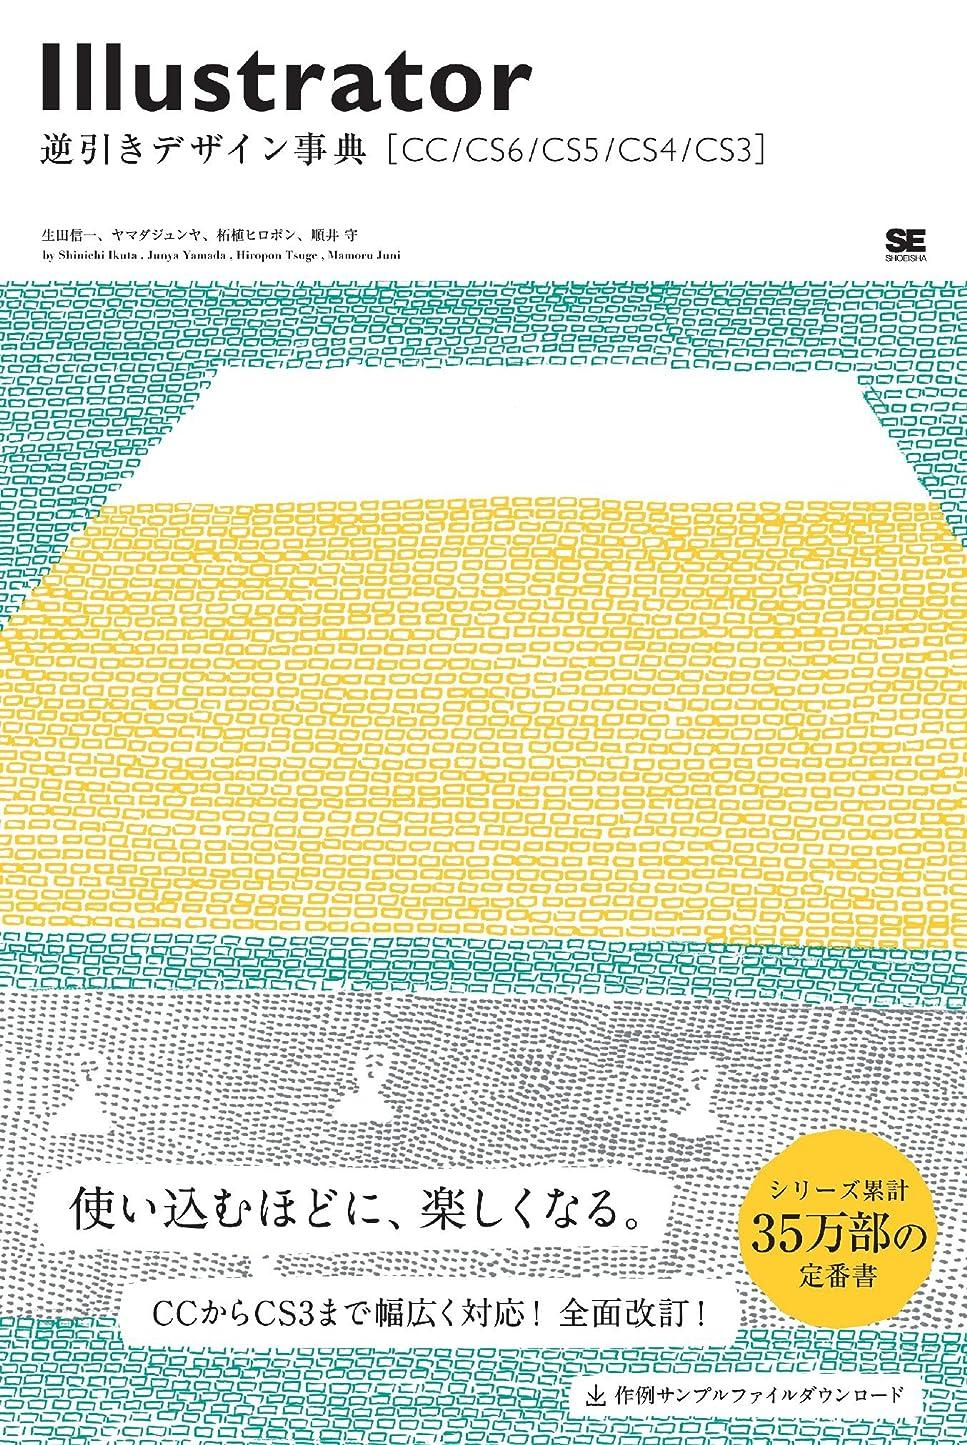 畝間小石アニメーションIllustrator逆引きデザイン事典[CC/CS6/CS5/CS4/CS3]